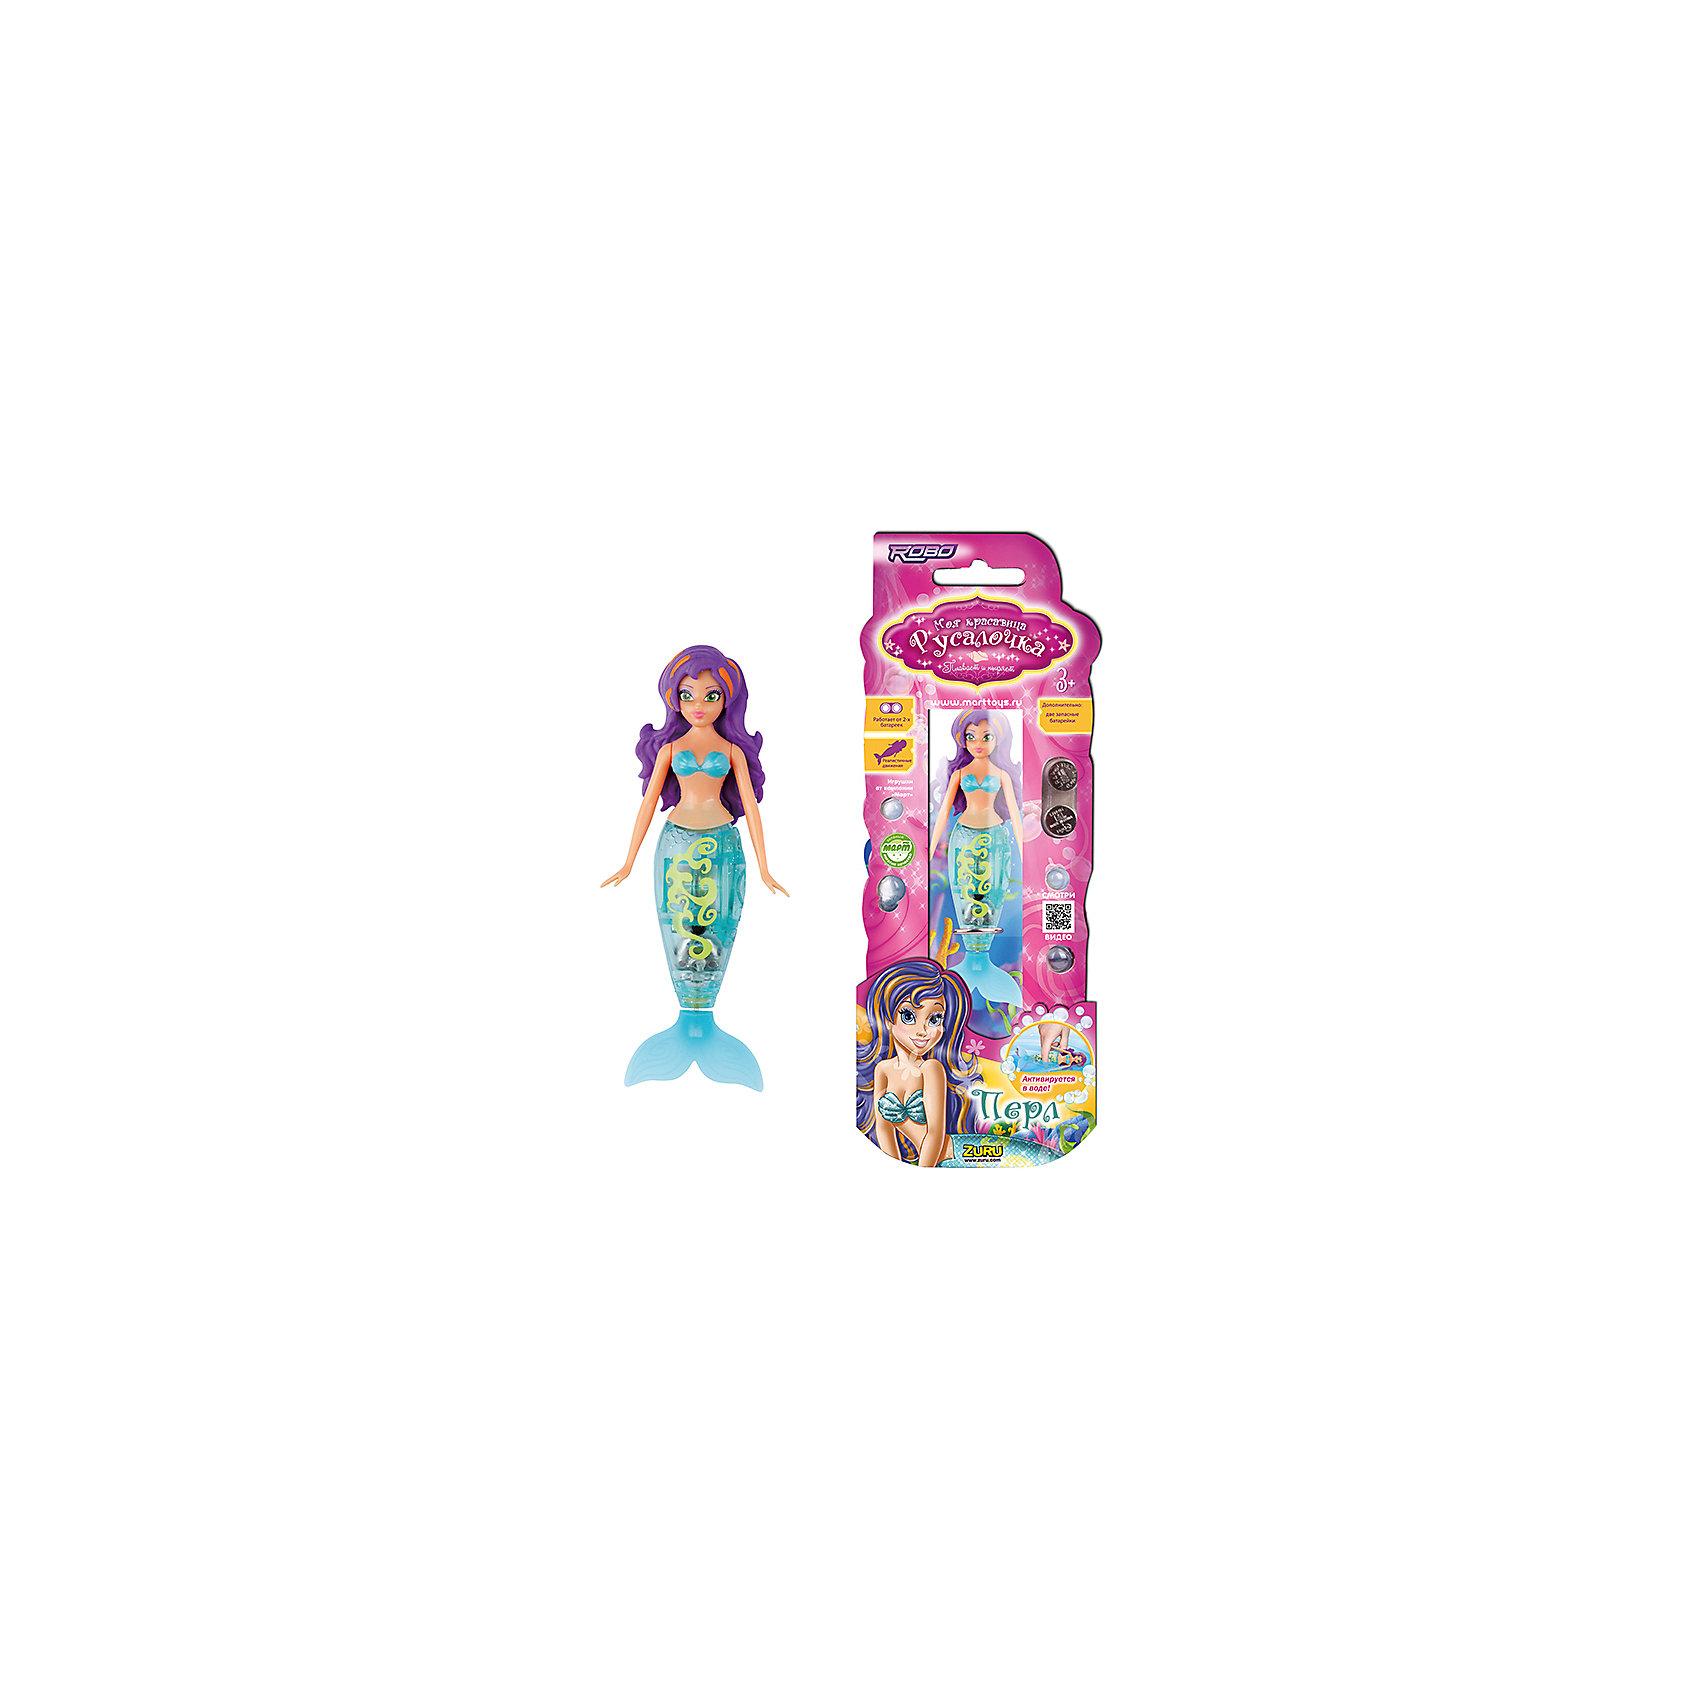 Кукла русалочка Перл, ZURUРоборыбки<br>Кукла русалочка  Перл, ZURU сама активируется в воде. Может плавать на спине по поверхности воды или вертикально вверх и вниз в глубине. Для того, чтобы русалка плавала под водой, нужно надеть ей на хвост кольцо-грузик.<br><br>Дополнительная информация:<br><br>- Высота Русалочки: 11,4 см<br>- В наборе 3 разных по весу кольца, с помощью которых регулируется глубина погружения Русалочки.<br>- Работает от 2 алкалиновых батареек А76 или RL44 (2 установлены в игрушку, 2 запасные входят в комплект)<br><br>Куклу русалочку  Перл, ZURU (Зуру) можно купить в нашем магазине.<br><br>Ширина мм: 820<br>Глубина мм: 430<br>Высота мм: 250<br>Вес г: 200<br>Возраст от месяцев: 36<br>Возраст до месяцев: 120<br>Пол: Женский<br>Возраст: Детский<br>SKU: 3879196